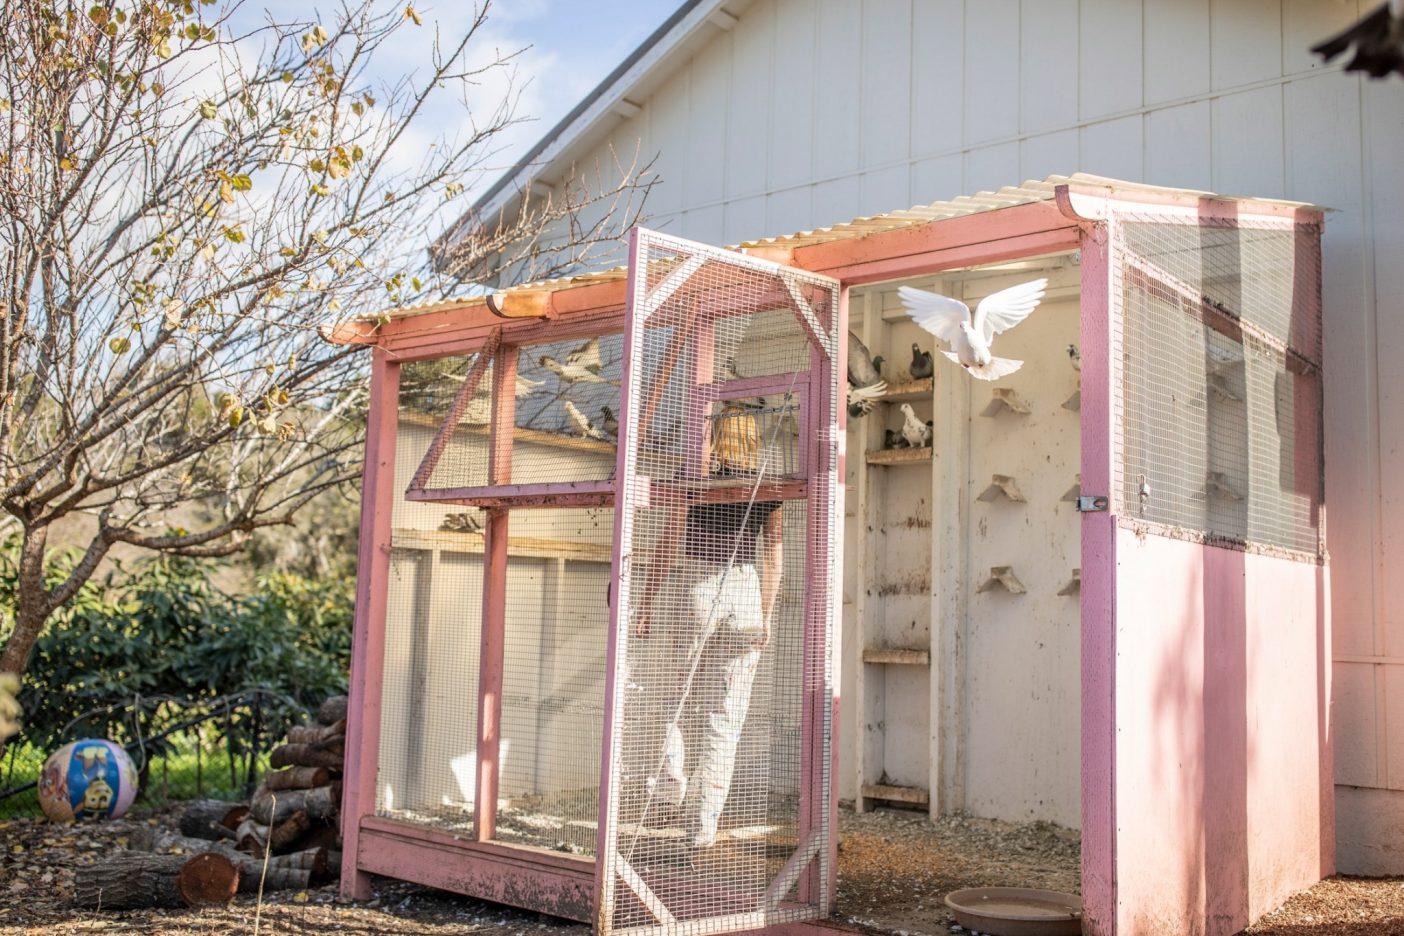 コートニーの庭には、伝書鳩、鶏、元気なバーニーズマウンテンドッグのジャマイカなど、50匹以上のペットがいる。Photo: Tim Davis